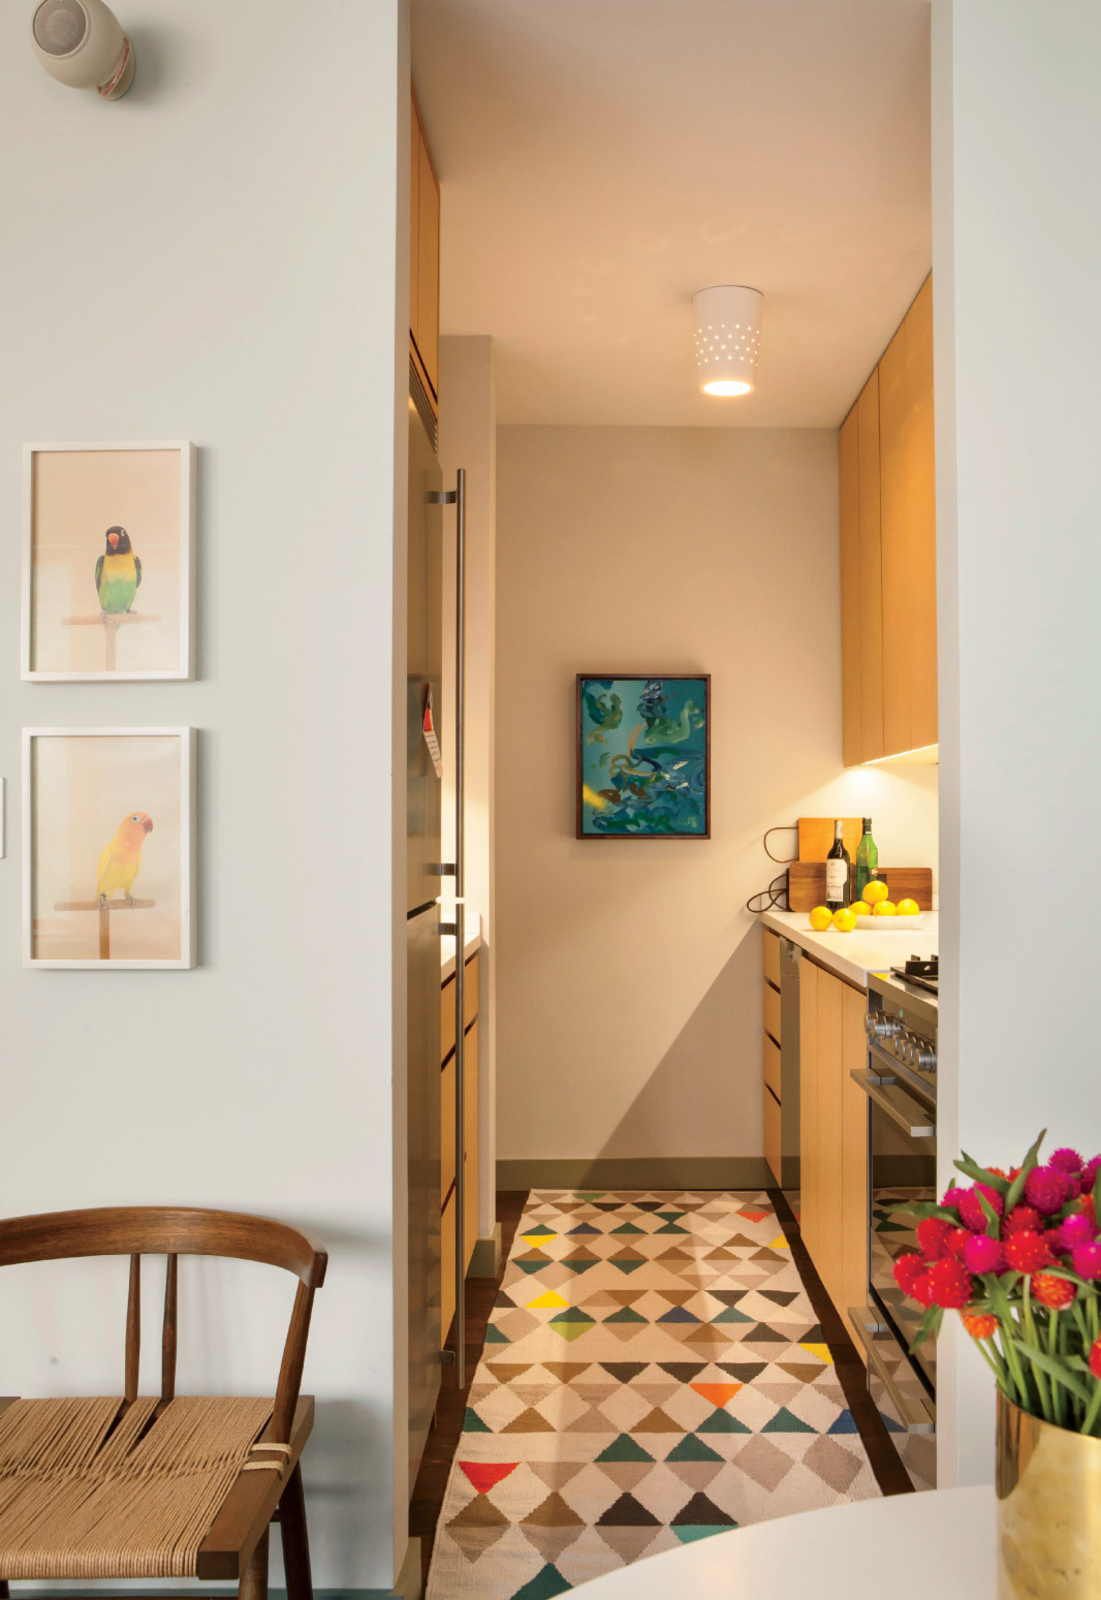 Interiorismo dise o para espacios peque os for Diseno de espacios pequenos